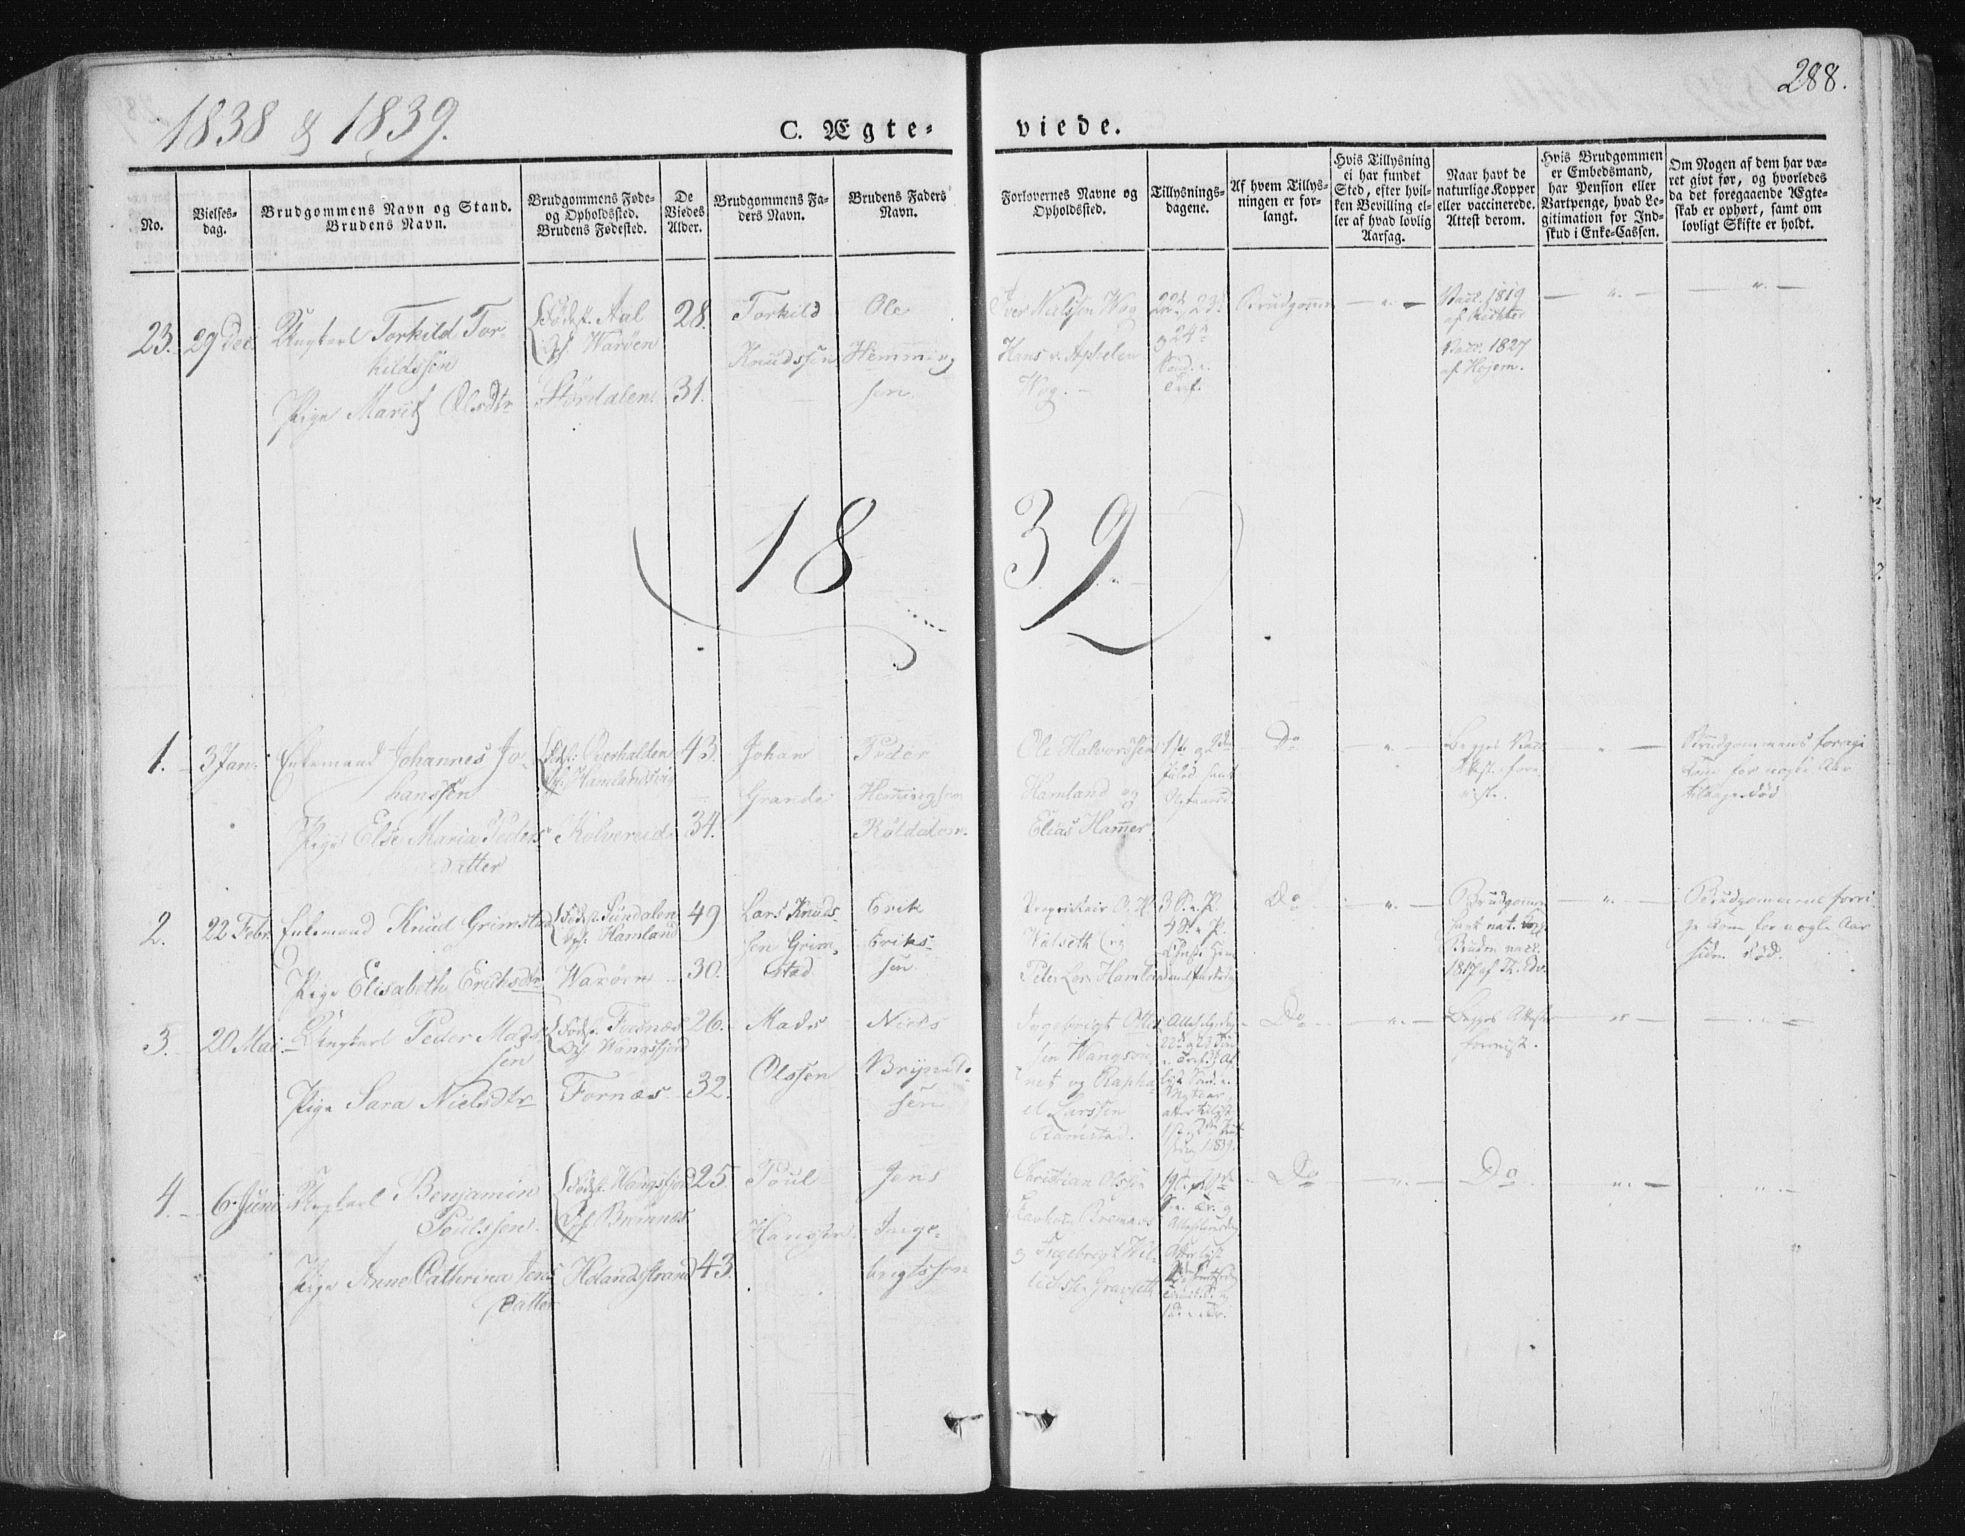 SAT, Ministerialprotokoller, klokkerbøker og fødselsregistre - Nord-Trøndelag, 784/L0669: Ministerialbok nr. 784A04, 1829-1859, s. 288